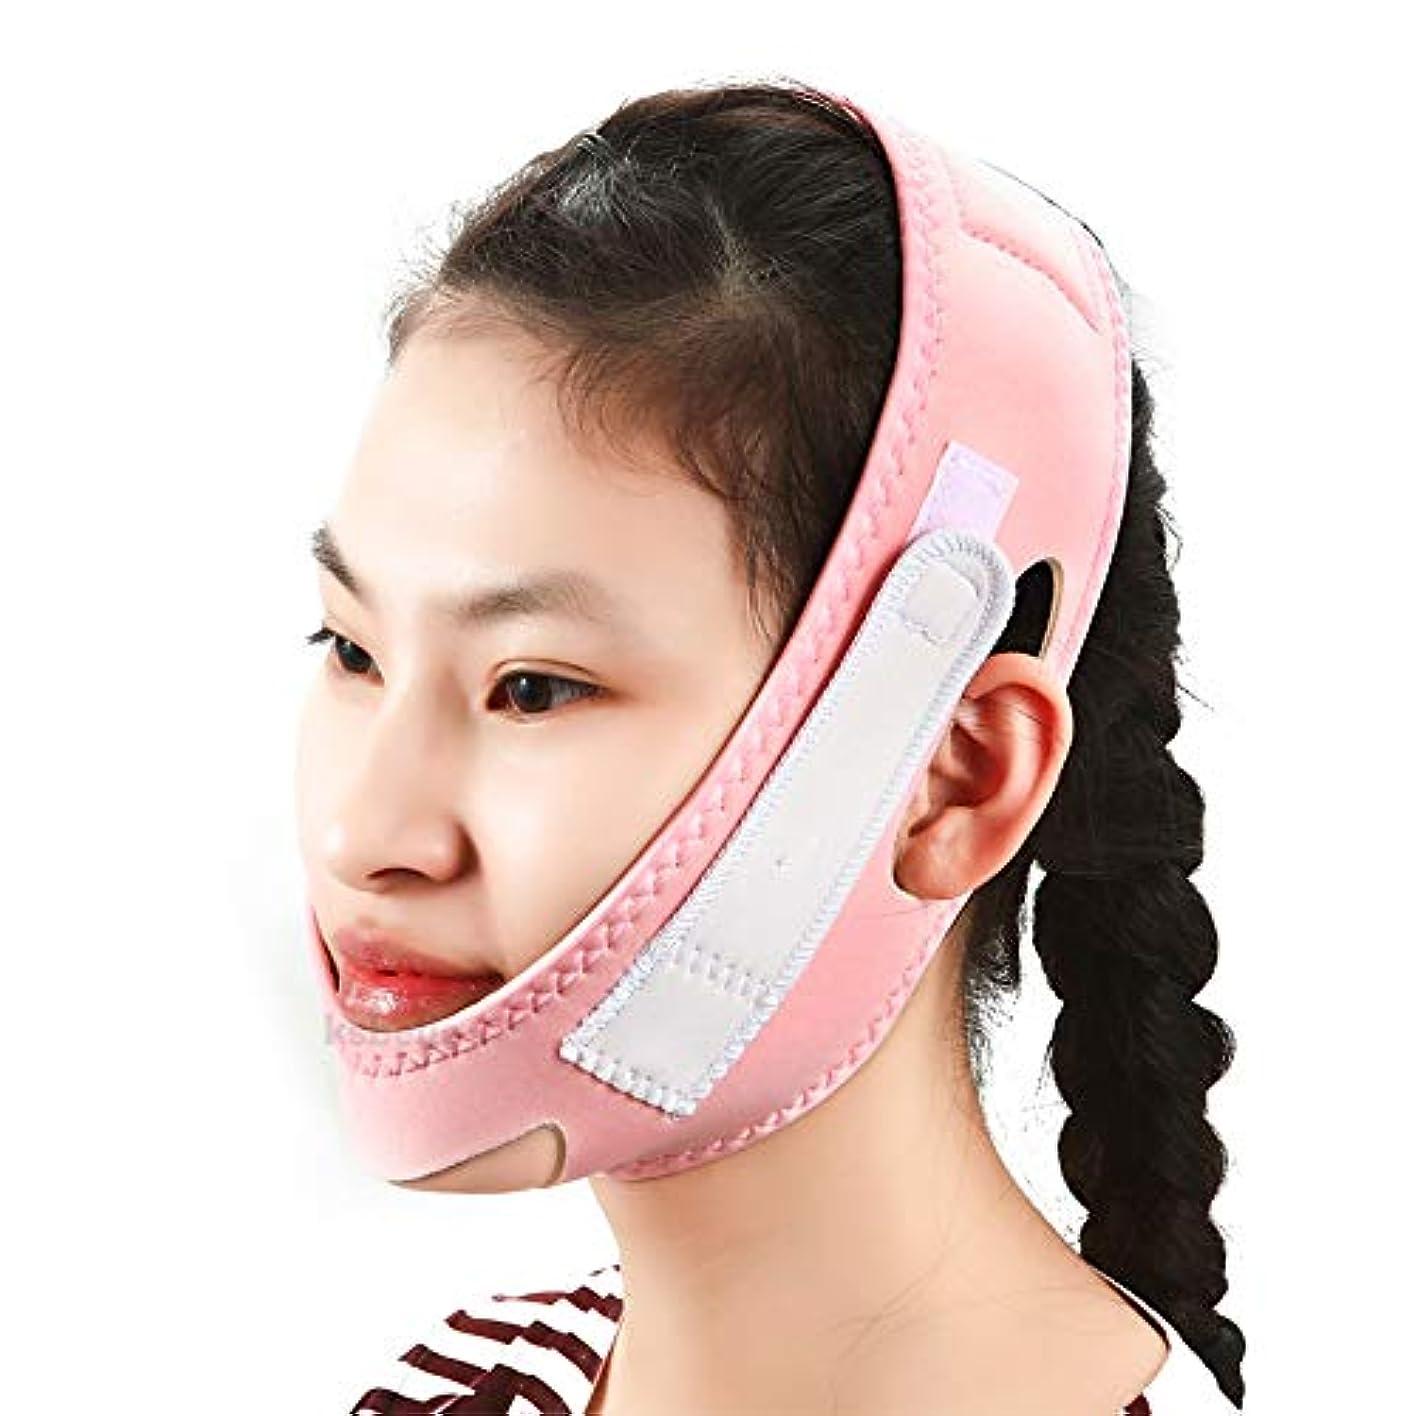 似ている悪意のある矢印フェイススリムVラインリフトアップマスクチークチンネックスリム薄いベルトストラップ美容繊細な顔の薄いフェイスマスク痩身包帯